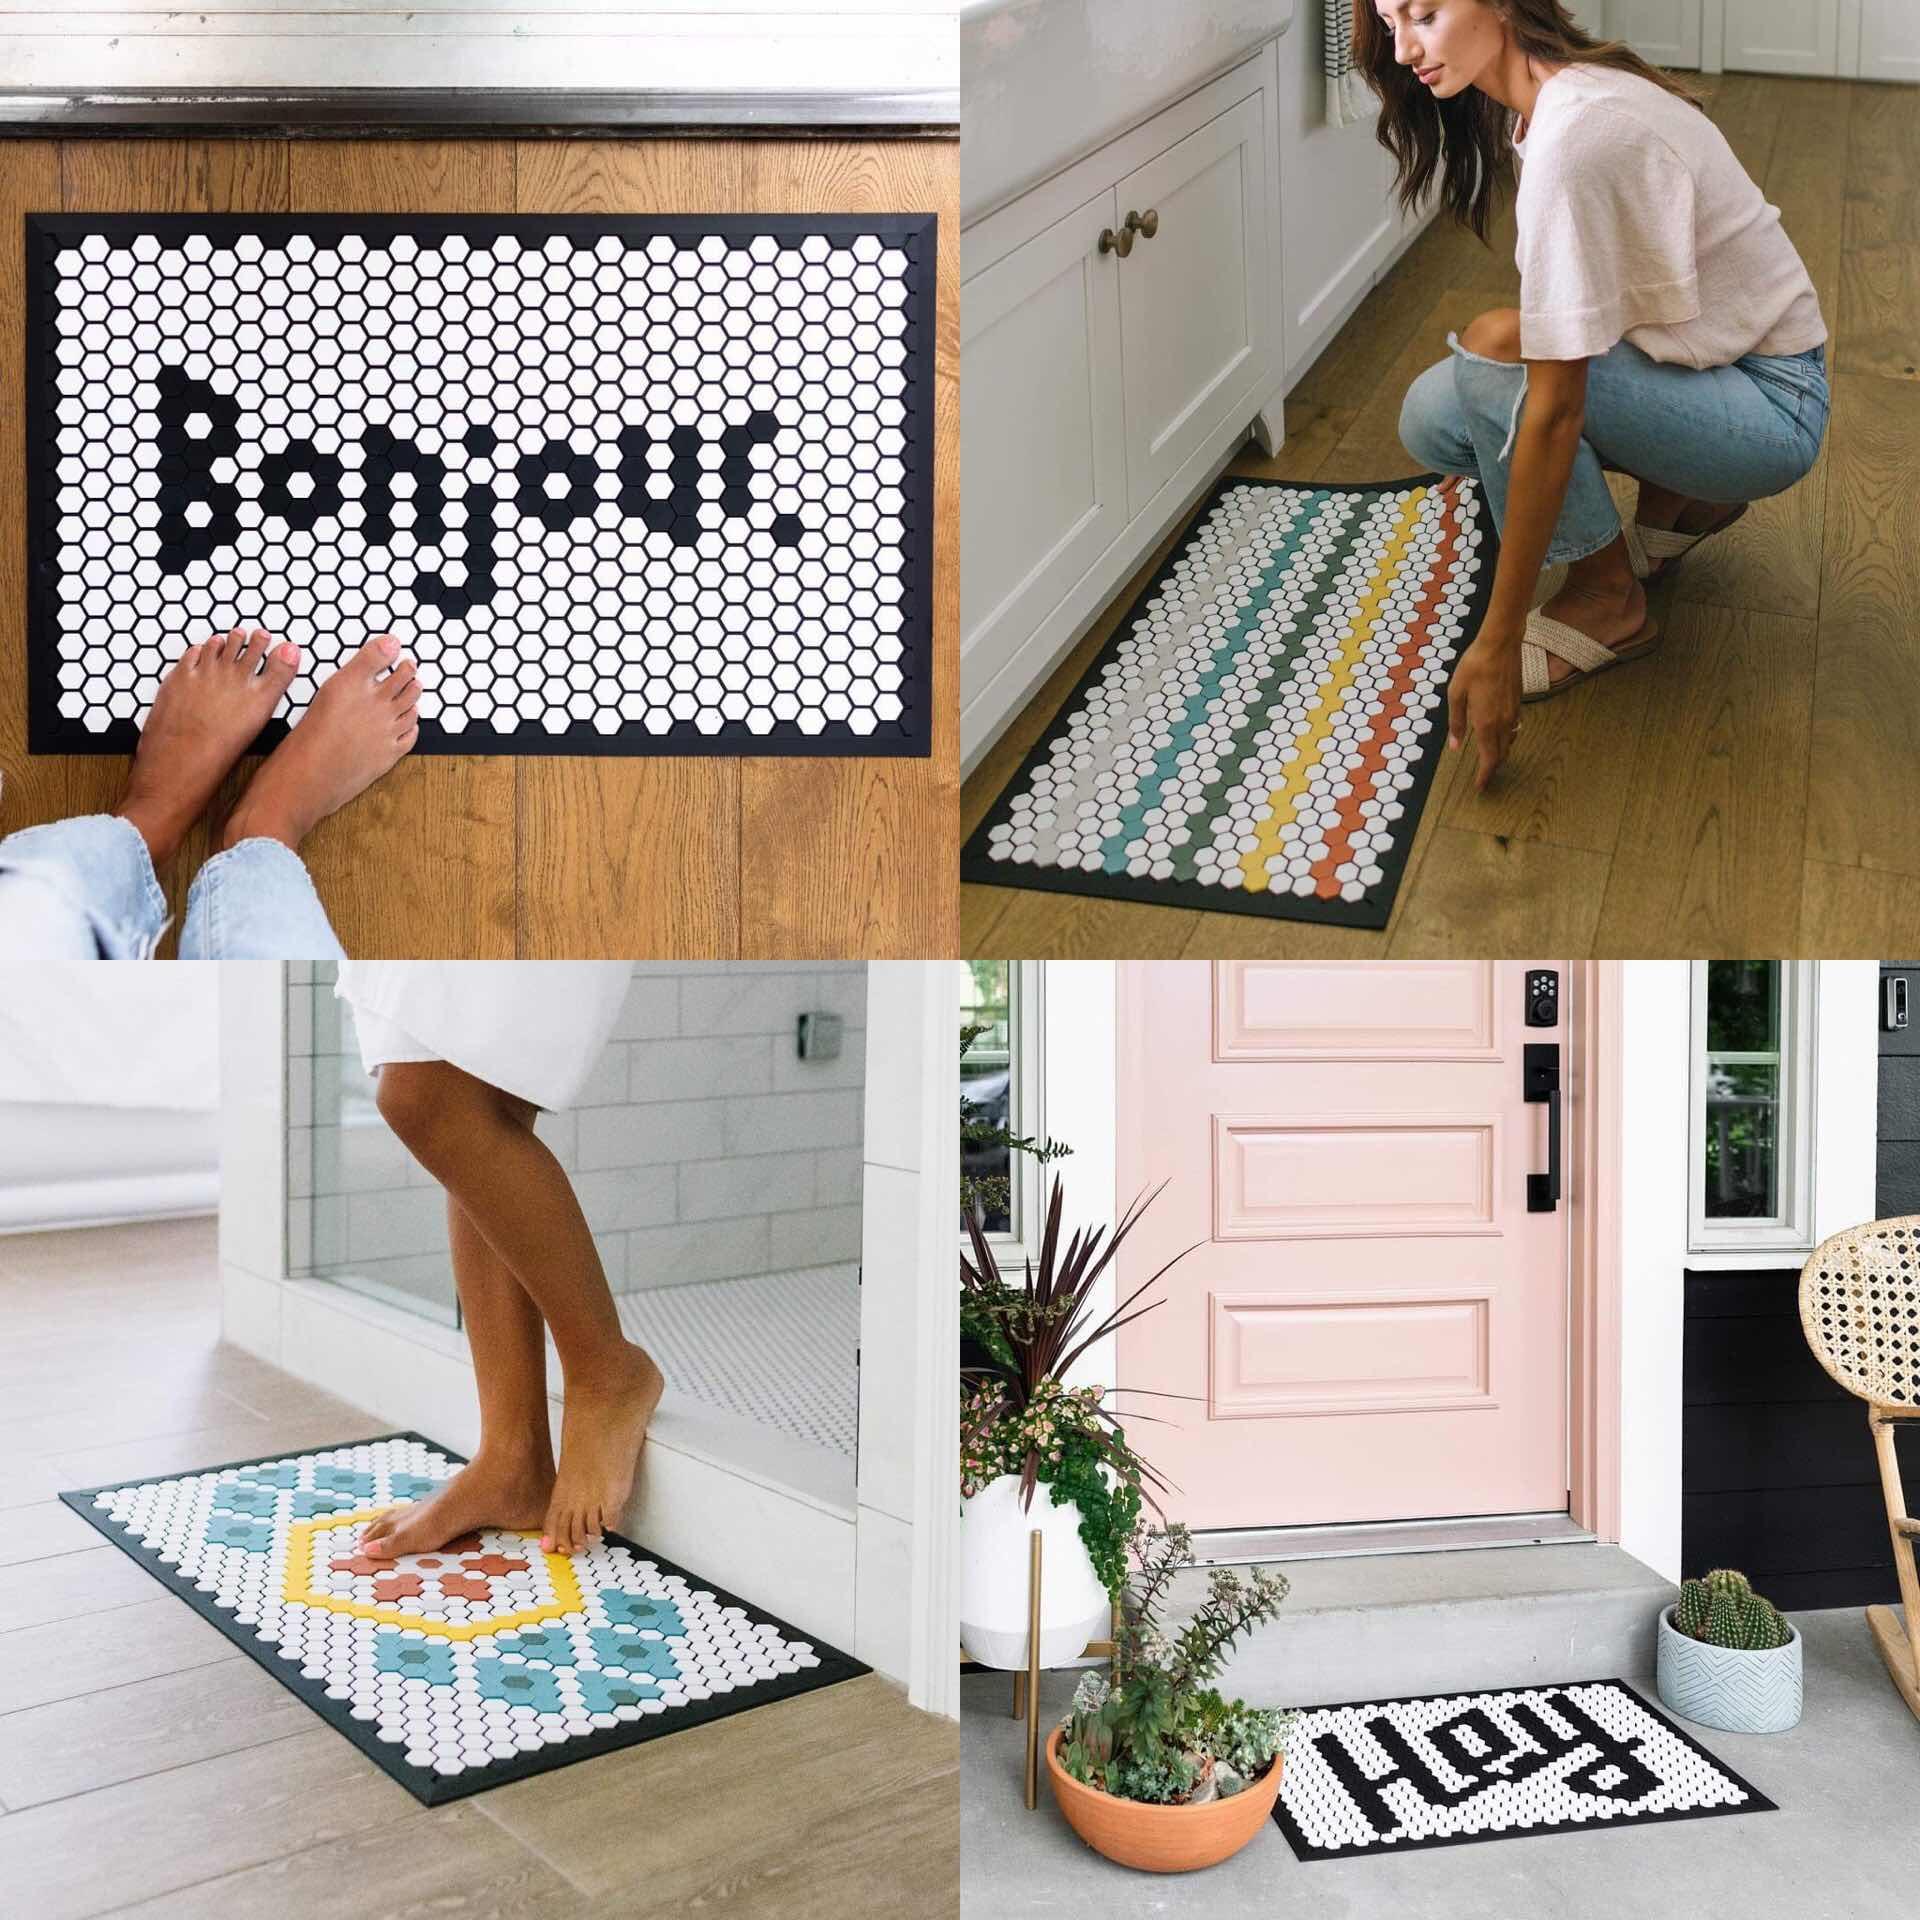 letterfolk-tile-mat-customizable-doormat-2